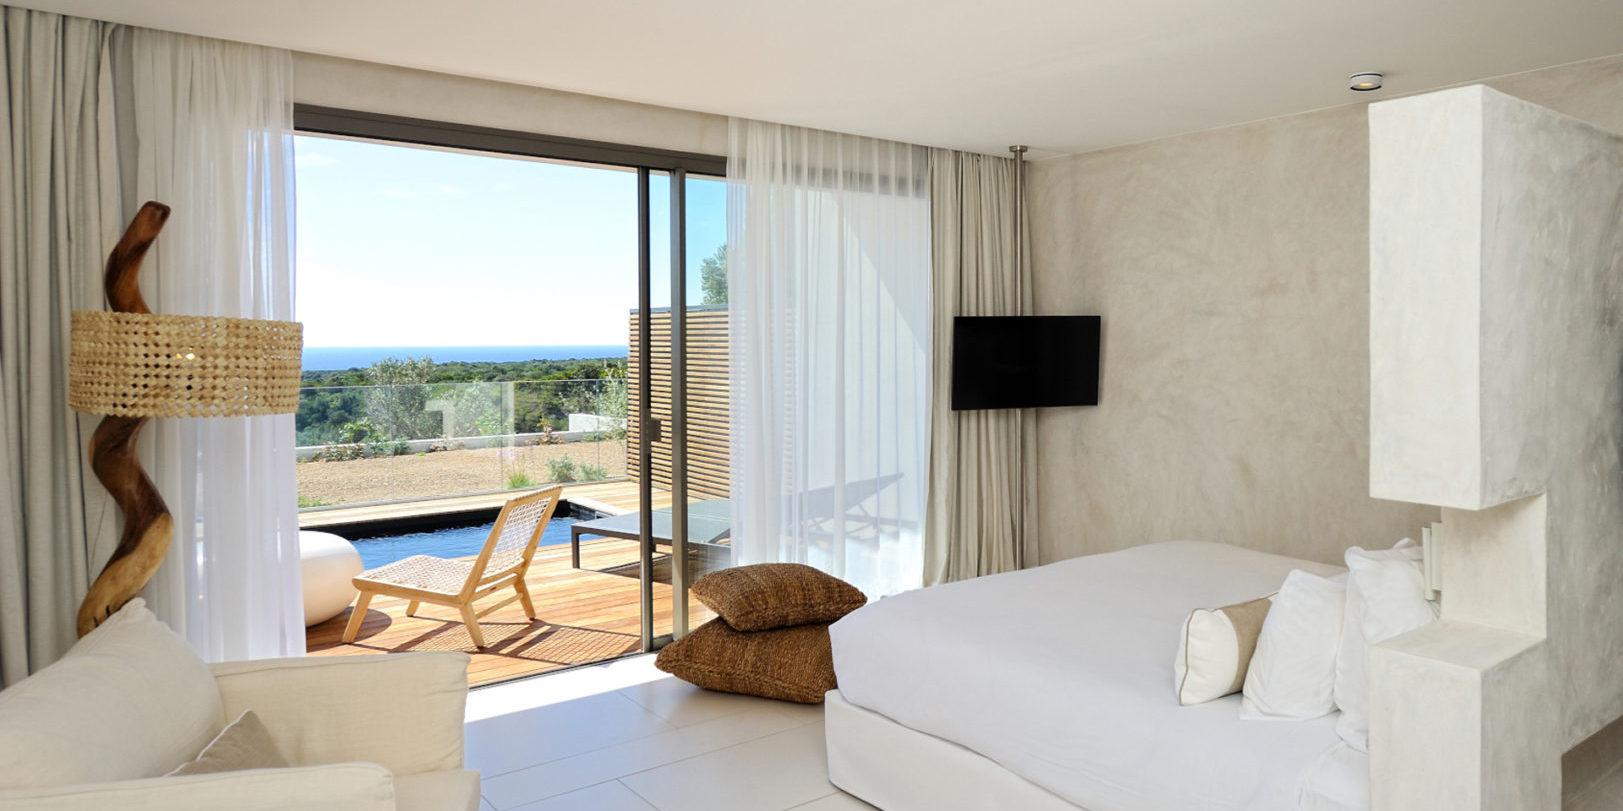 Hotel Cala di Greco Bonifacio Corsica Zuid-Corsica Frankrijk suite wit riet design-lamp